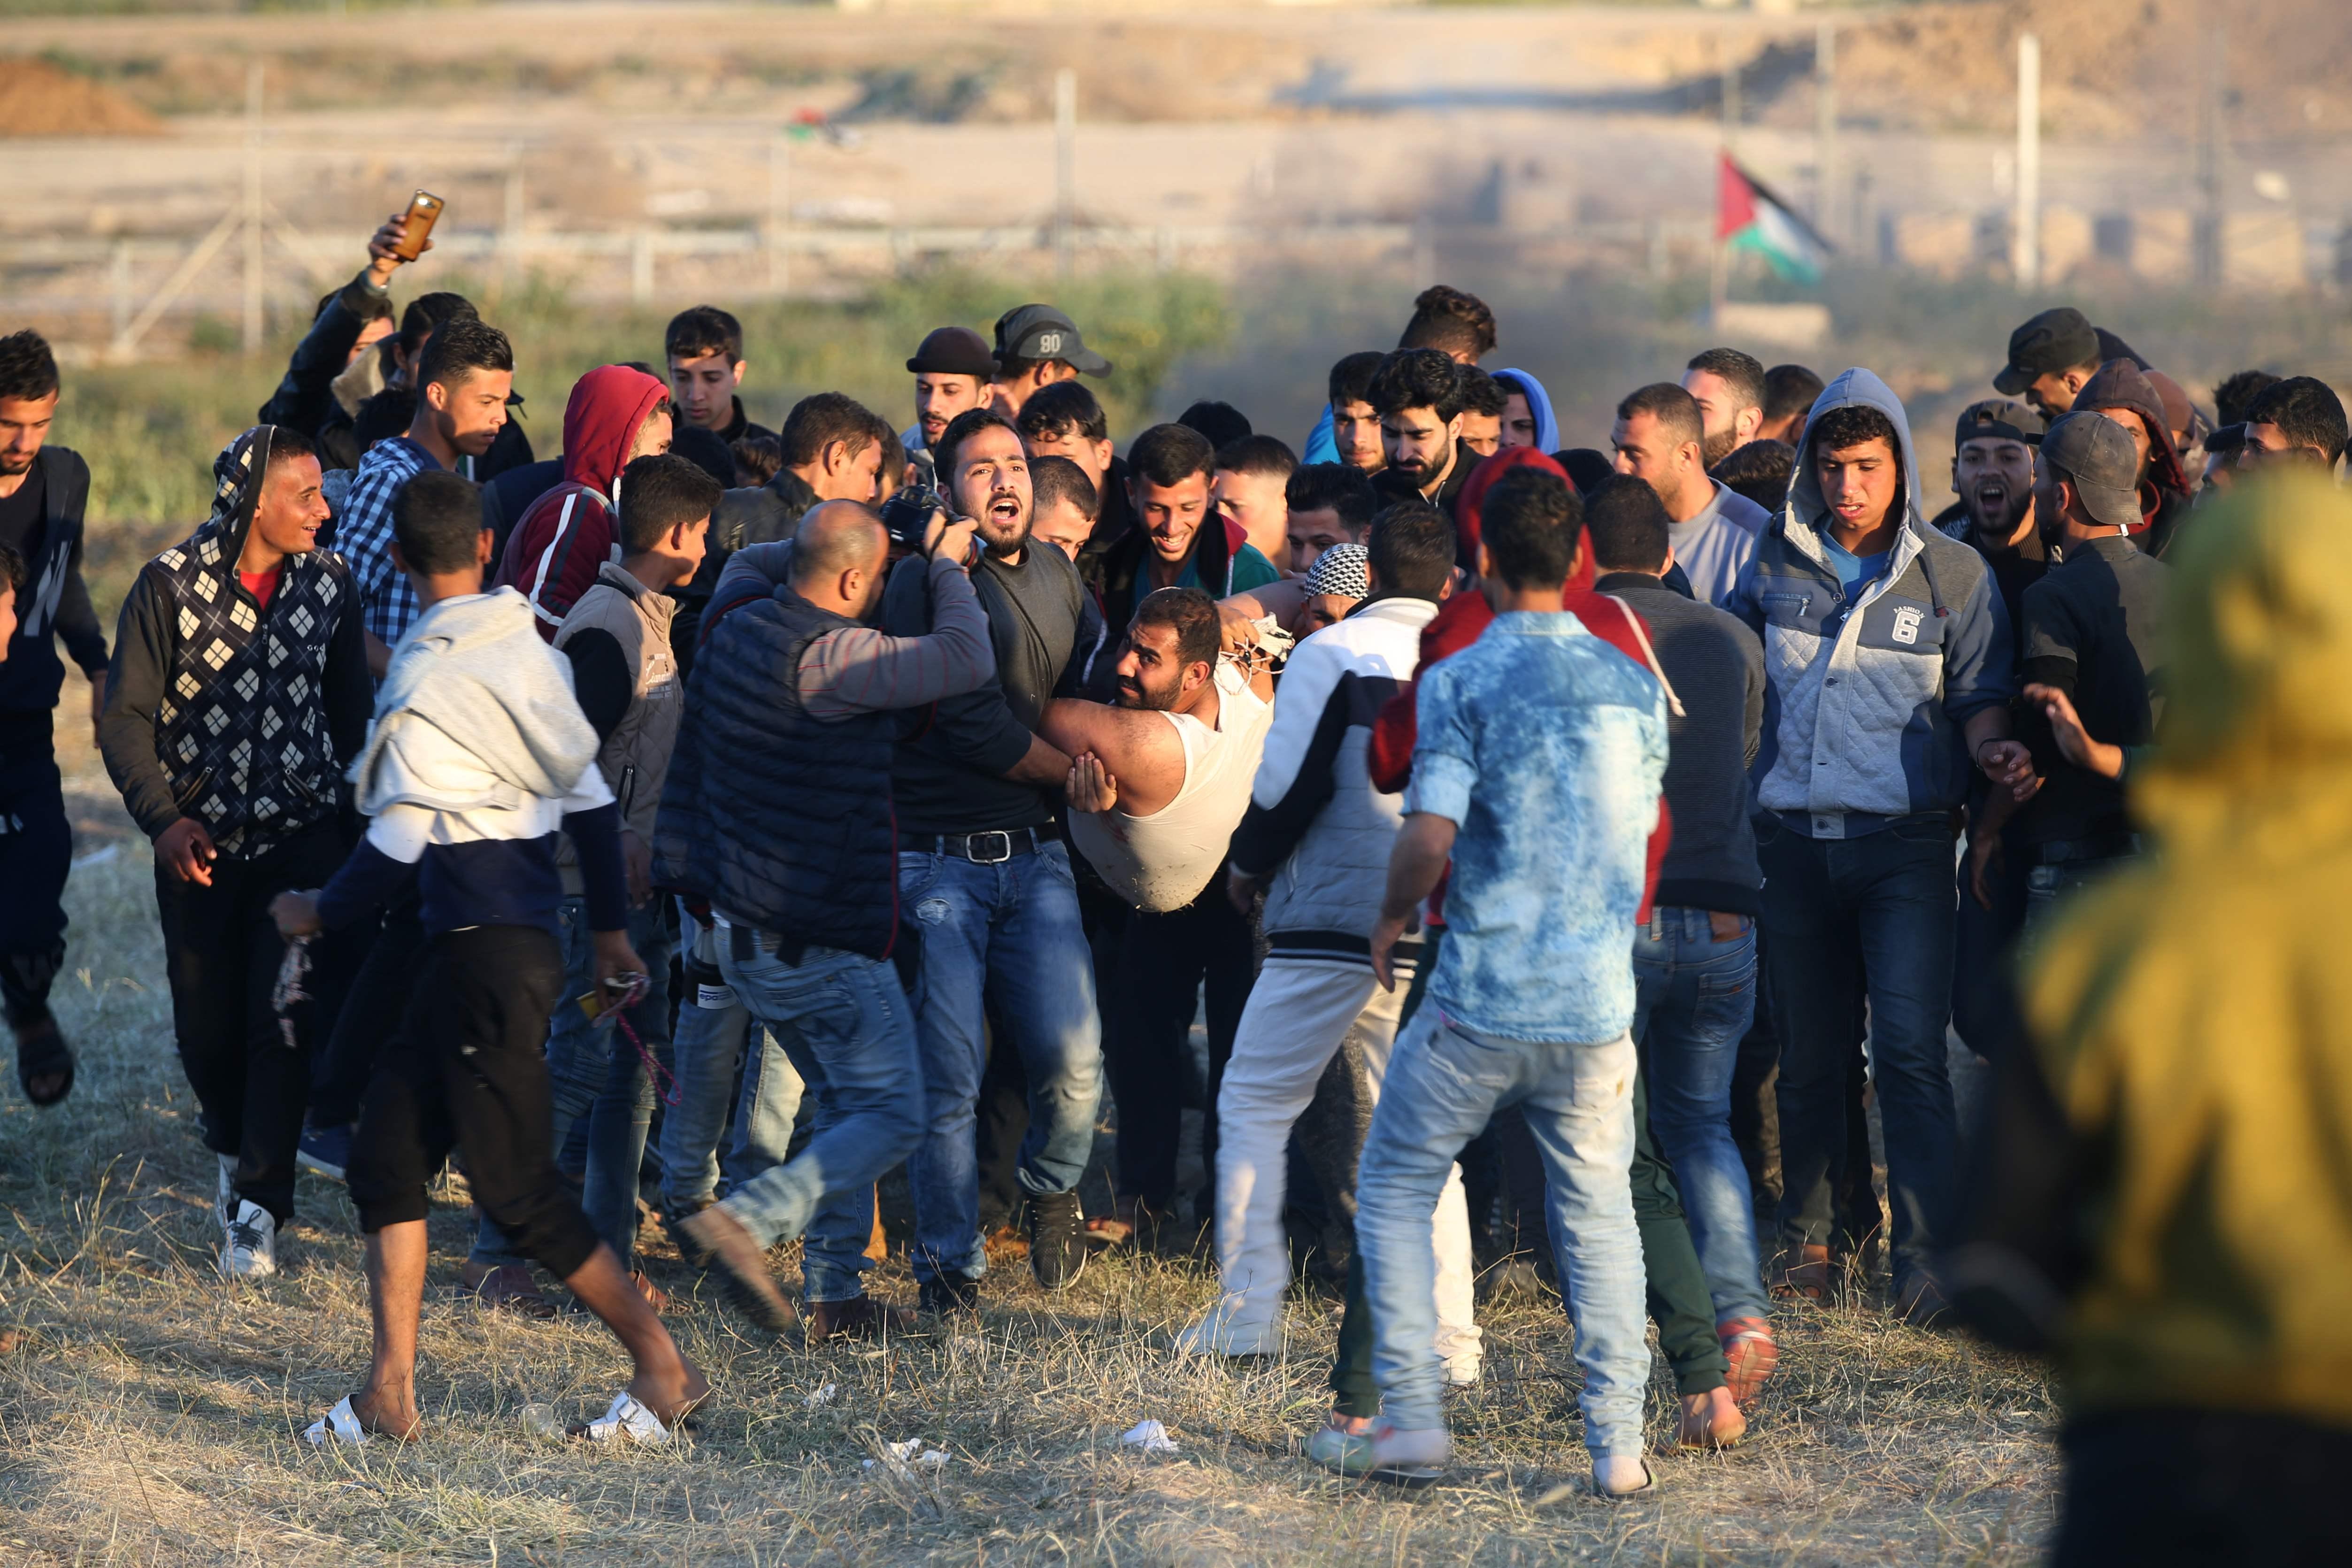 إصابات فى صفوف المتظاهرين بغزة